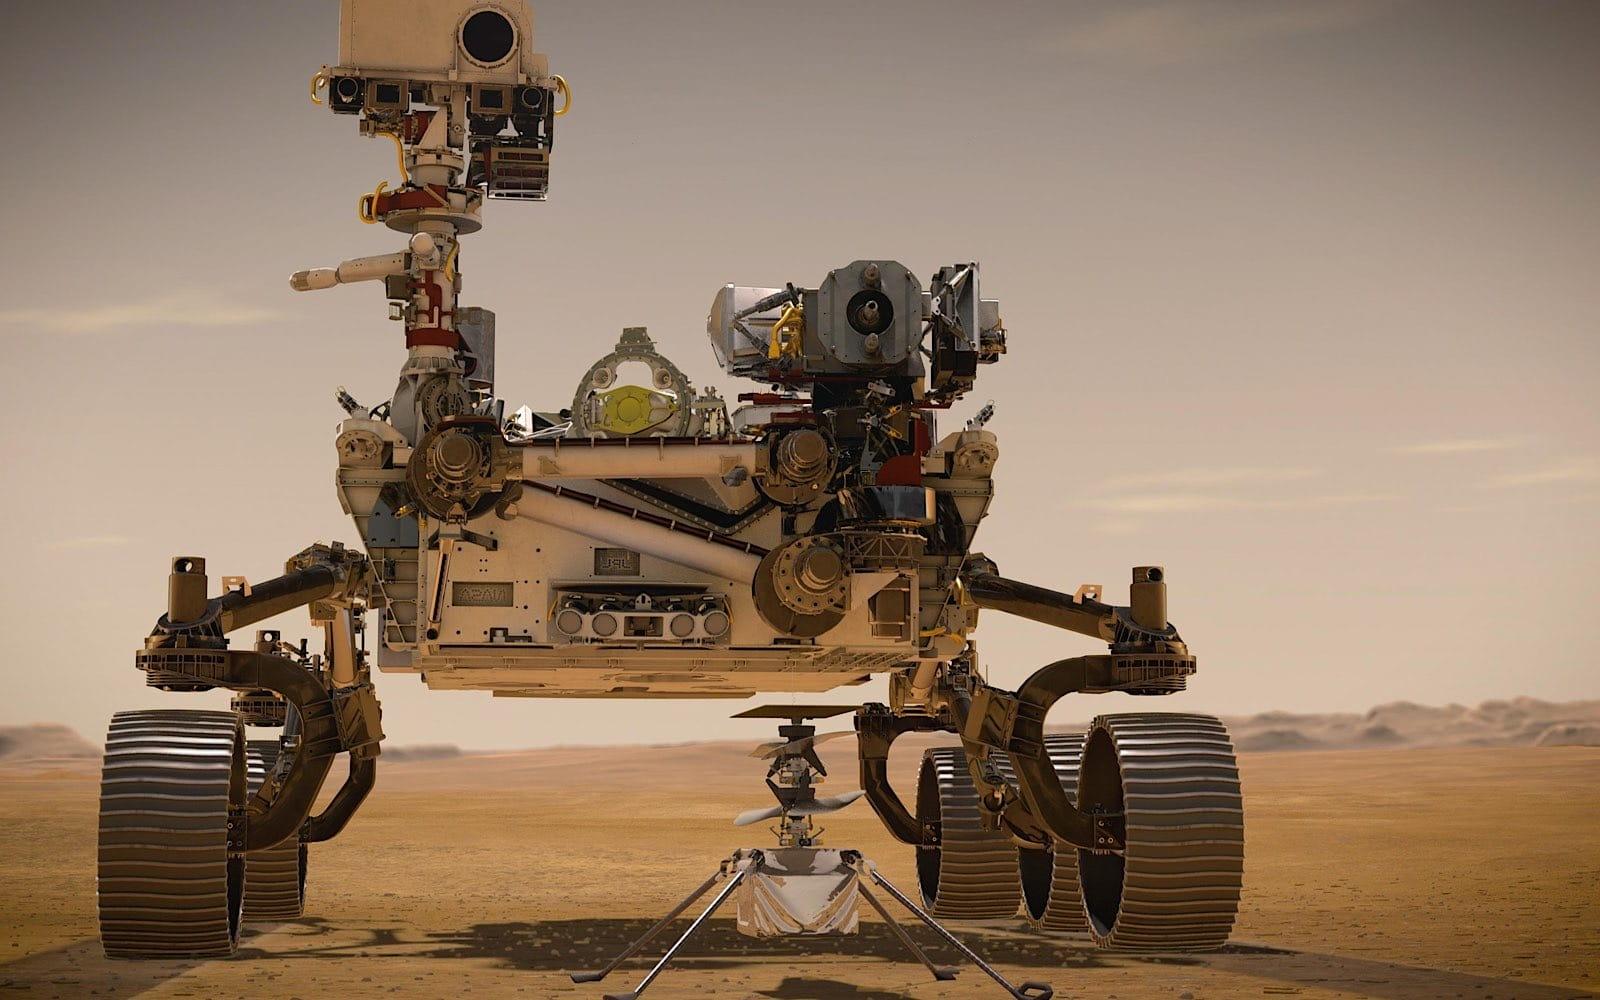 Ingenuity takes flight on Mars